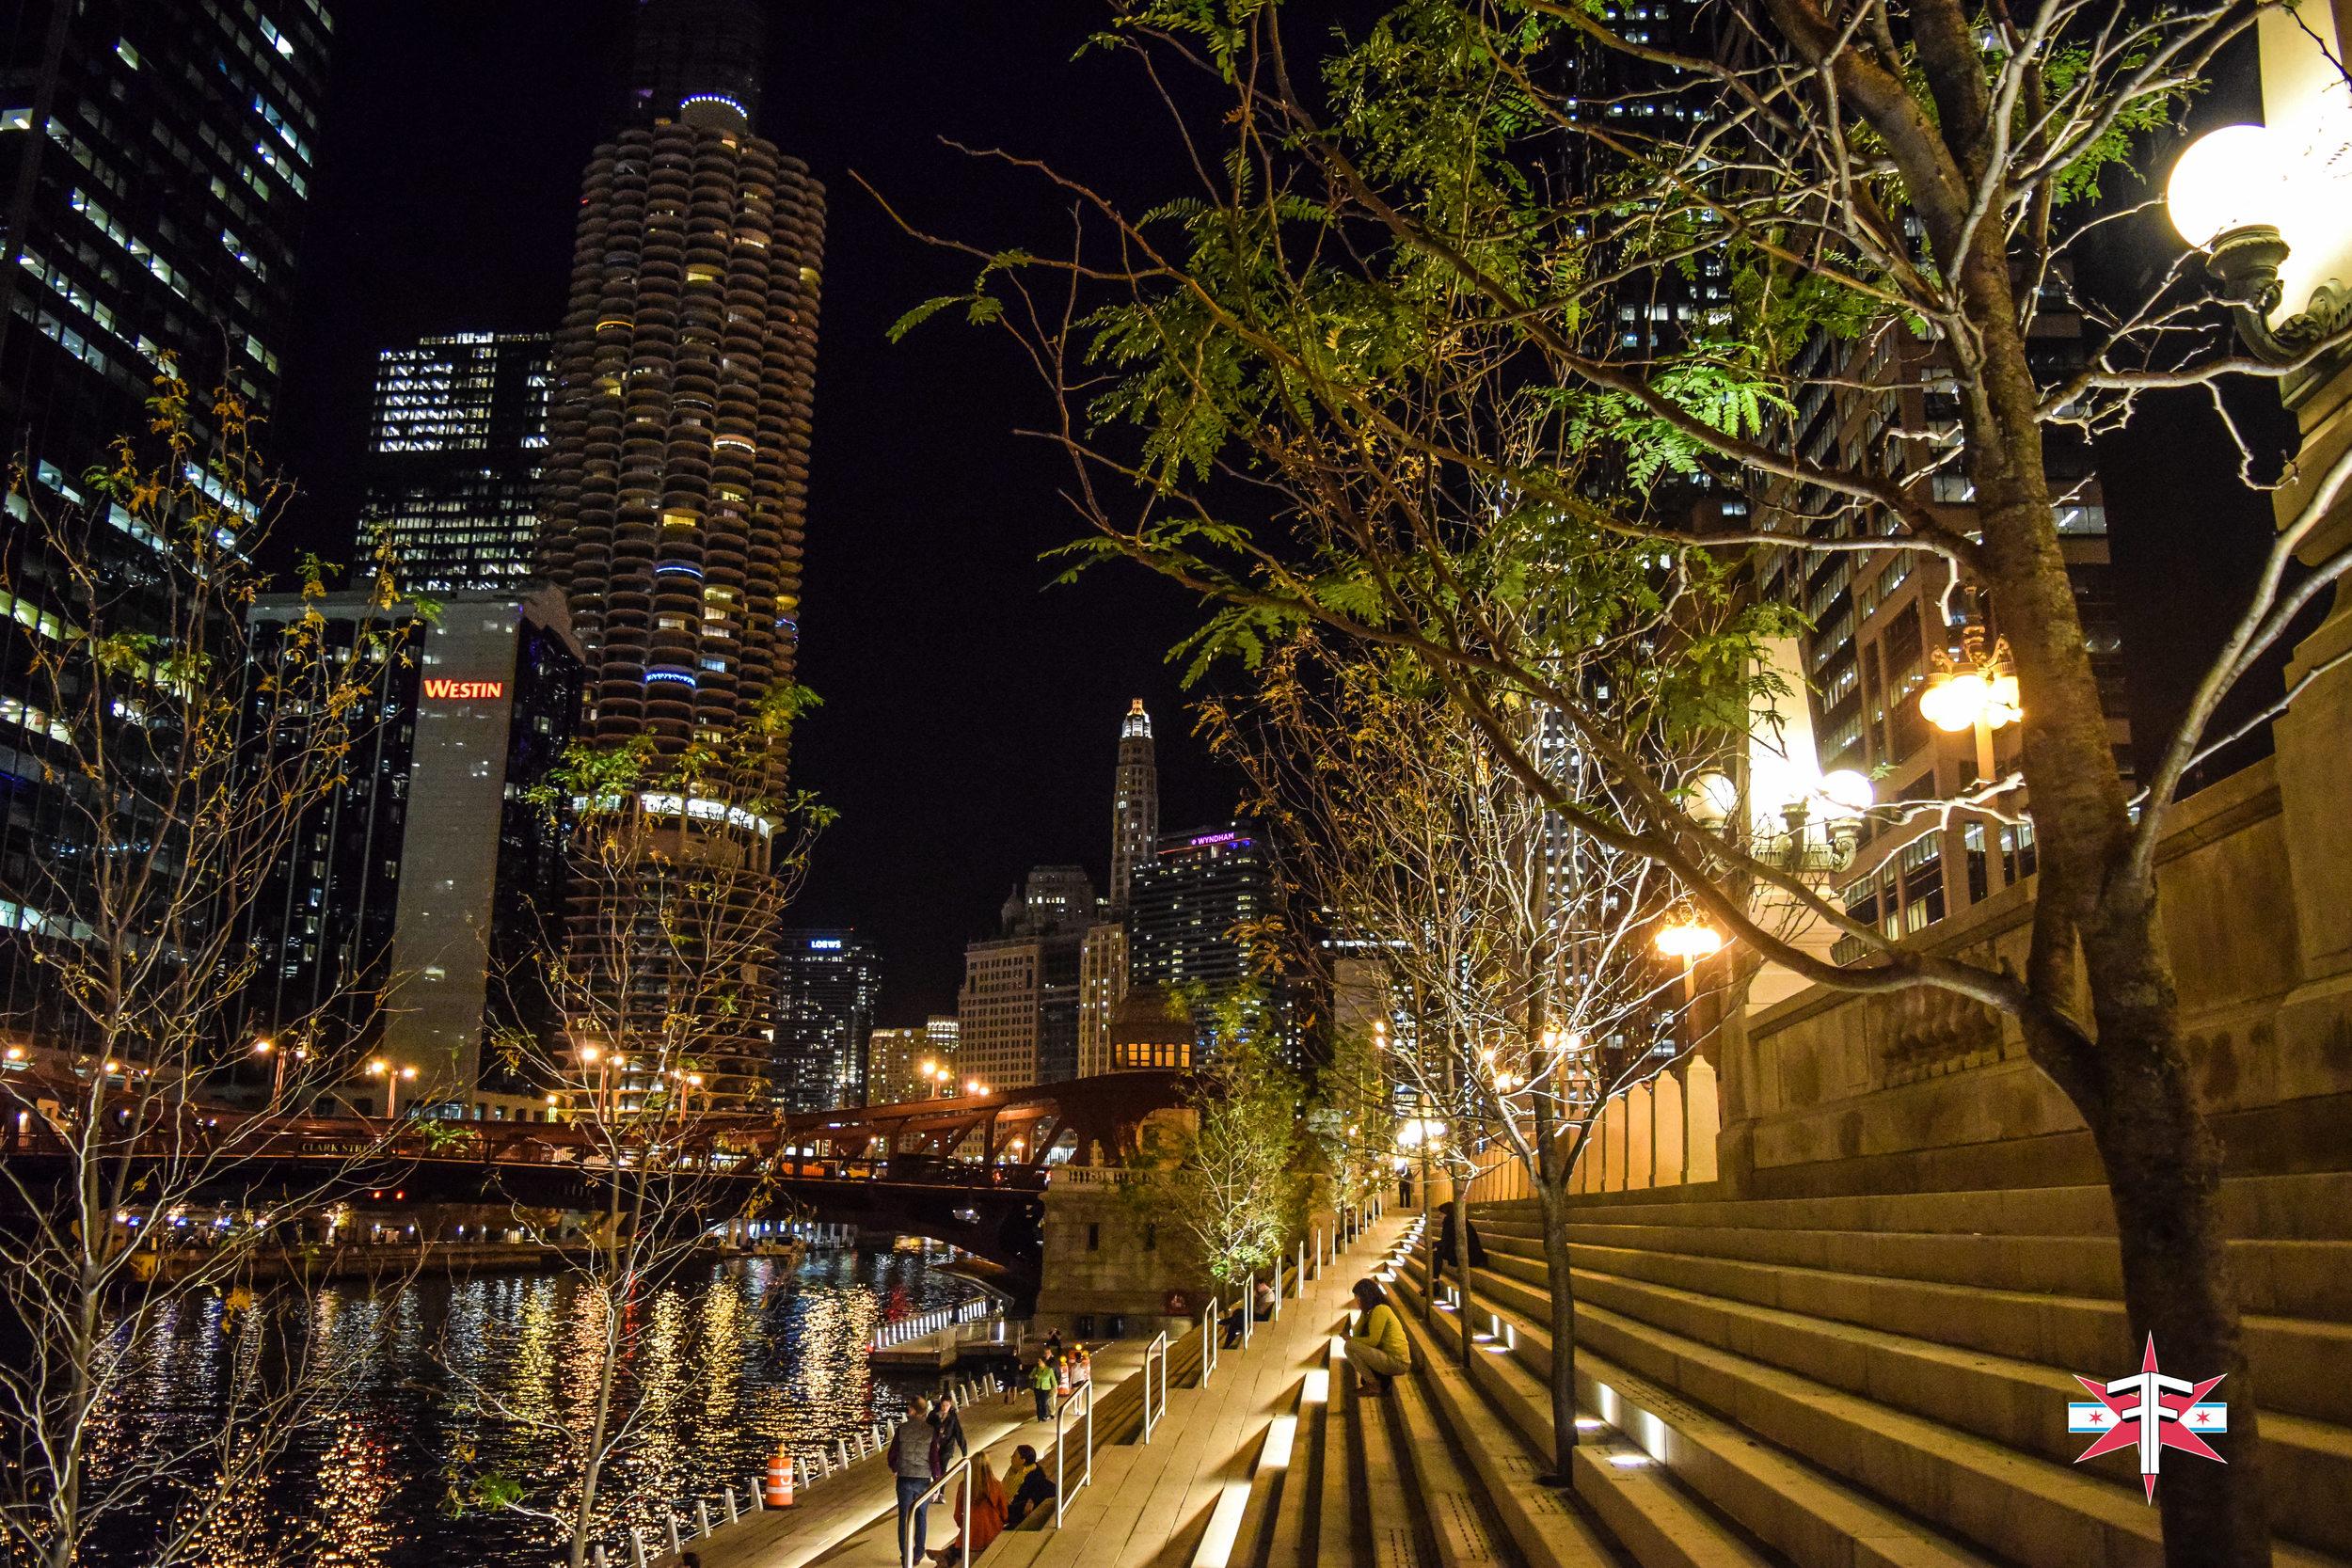 chicago art architecture eric formato photography design arquitectura architettura buildings skyscraper skyscrapers-127.jpg